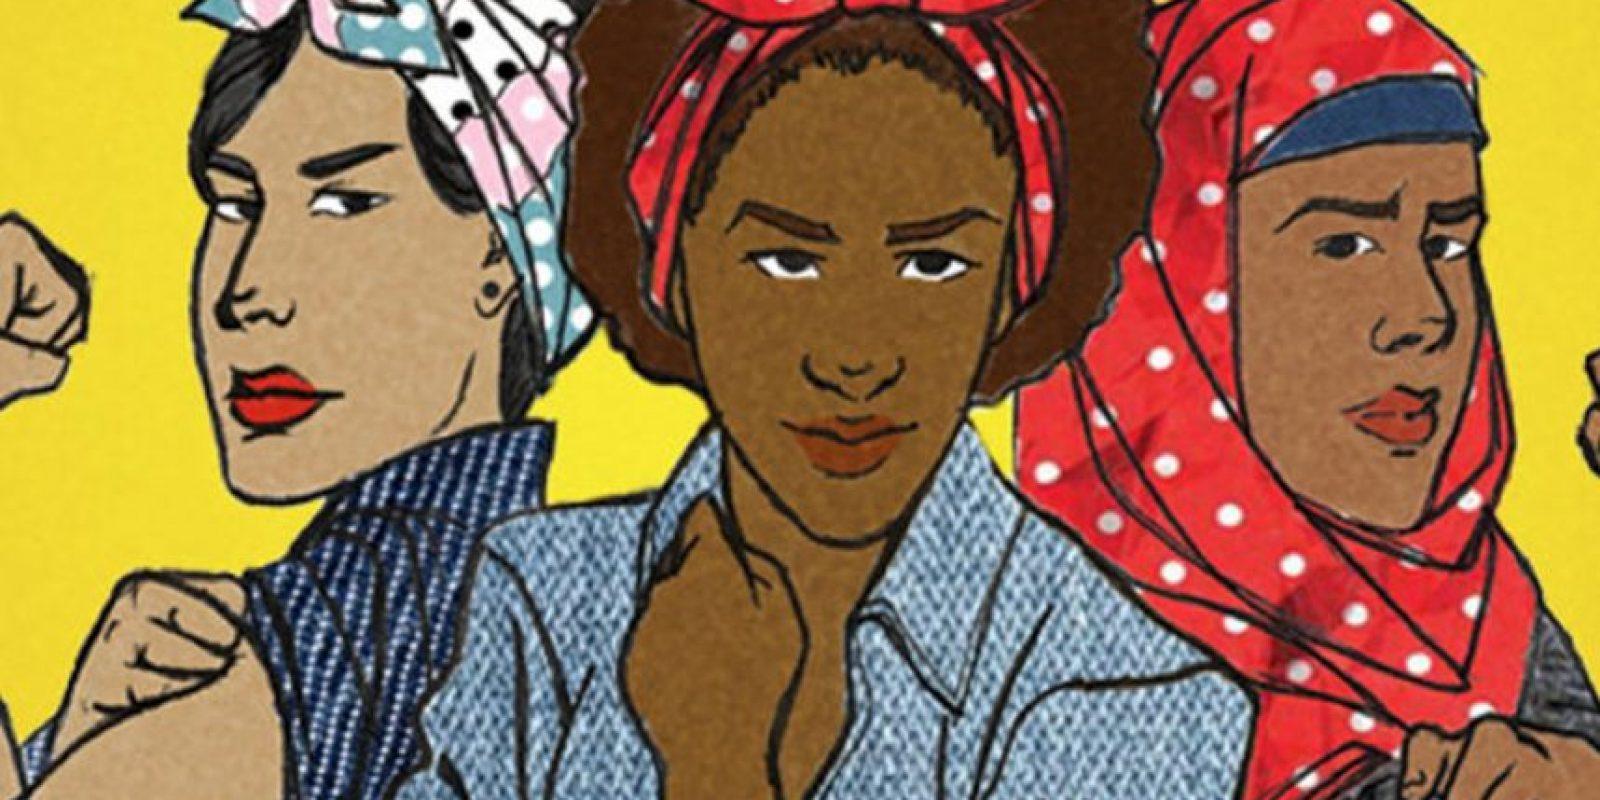 """""""Ey reguetonero macho: escucha lo que digo, de mujeres no sabes, ahora aprenderás conmigo. Ponte mocasines, corbata y guardapolvo ven a mi escuela a aprender lo que es echarse un polvo"""". Chocolate Remix 'Lesbian Reggaetón'. Foto:vía Tumblr"""